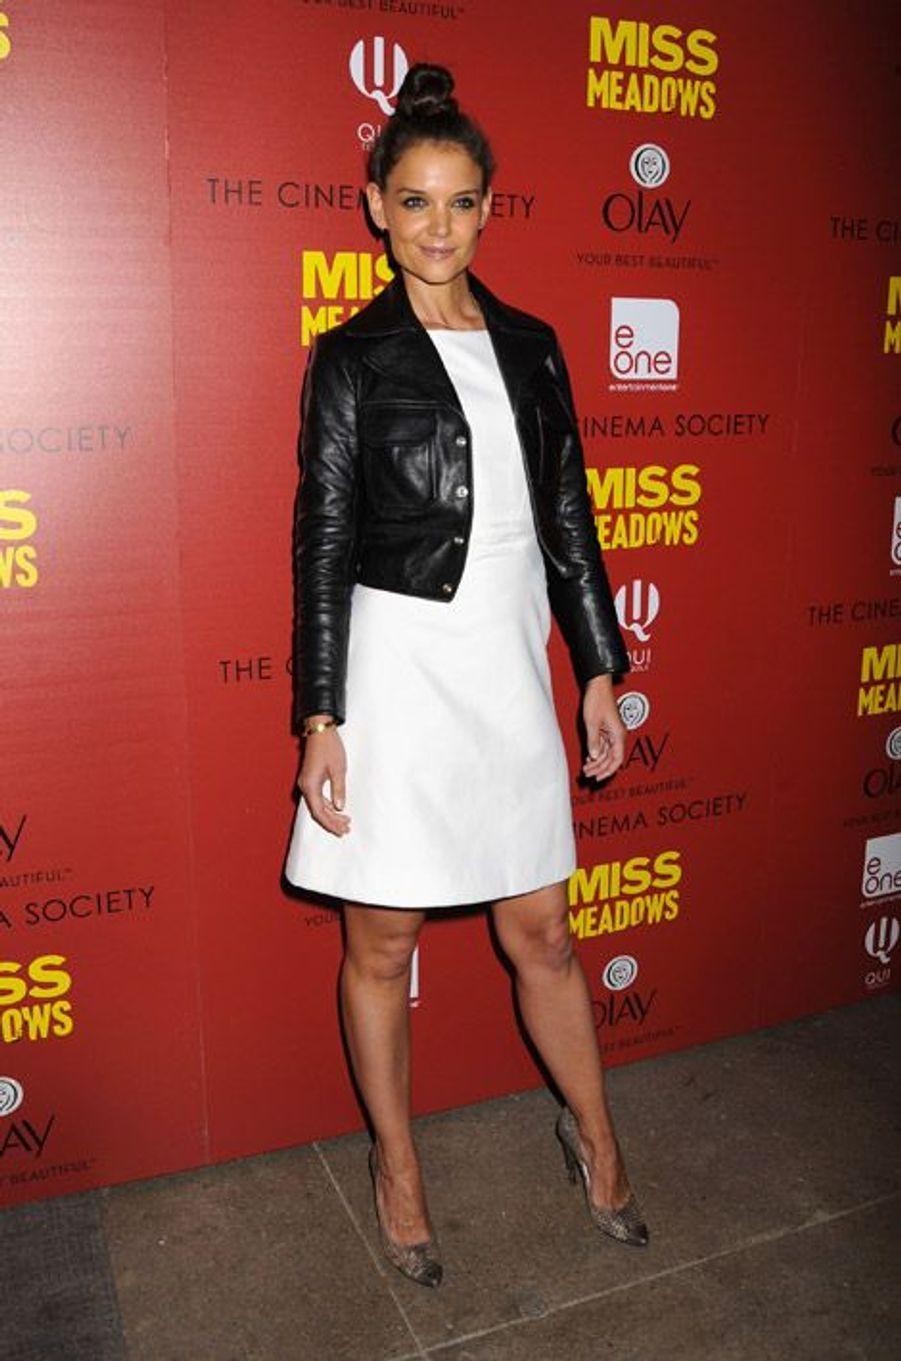 """L'actrice Katie Holmes lors de la projection du film """"Miss Meadows"""" à New York, le 12 novembre 2014"""